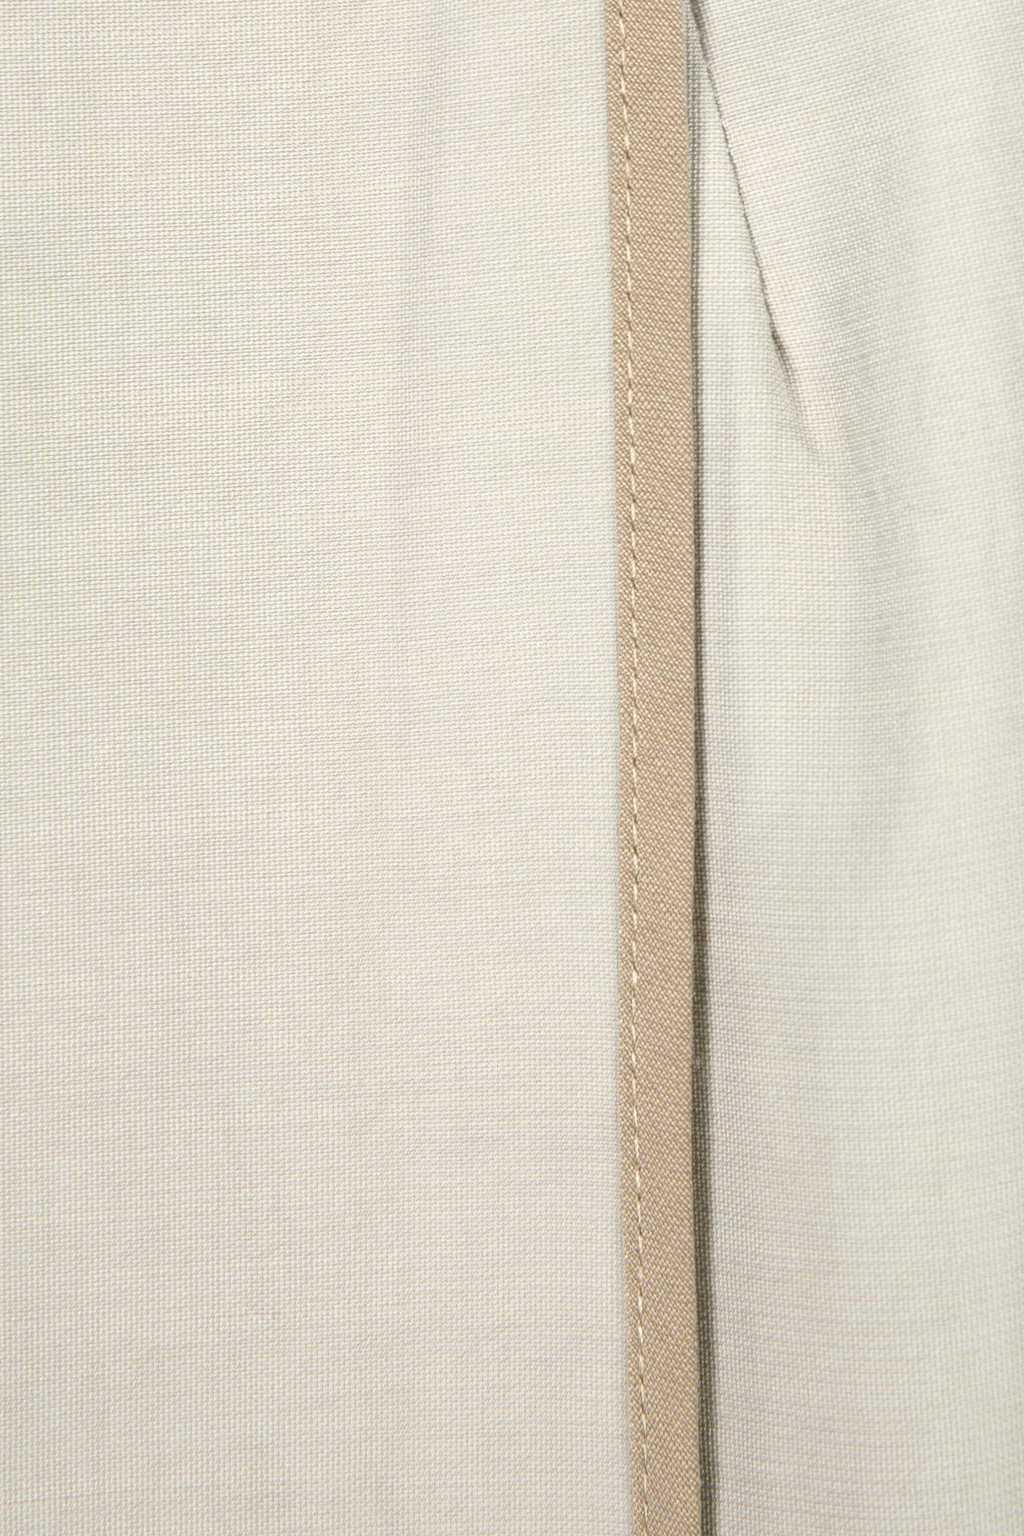 Skirt K024 Beige 6